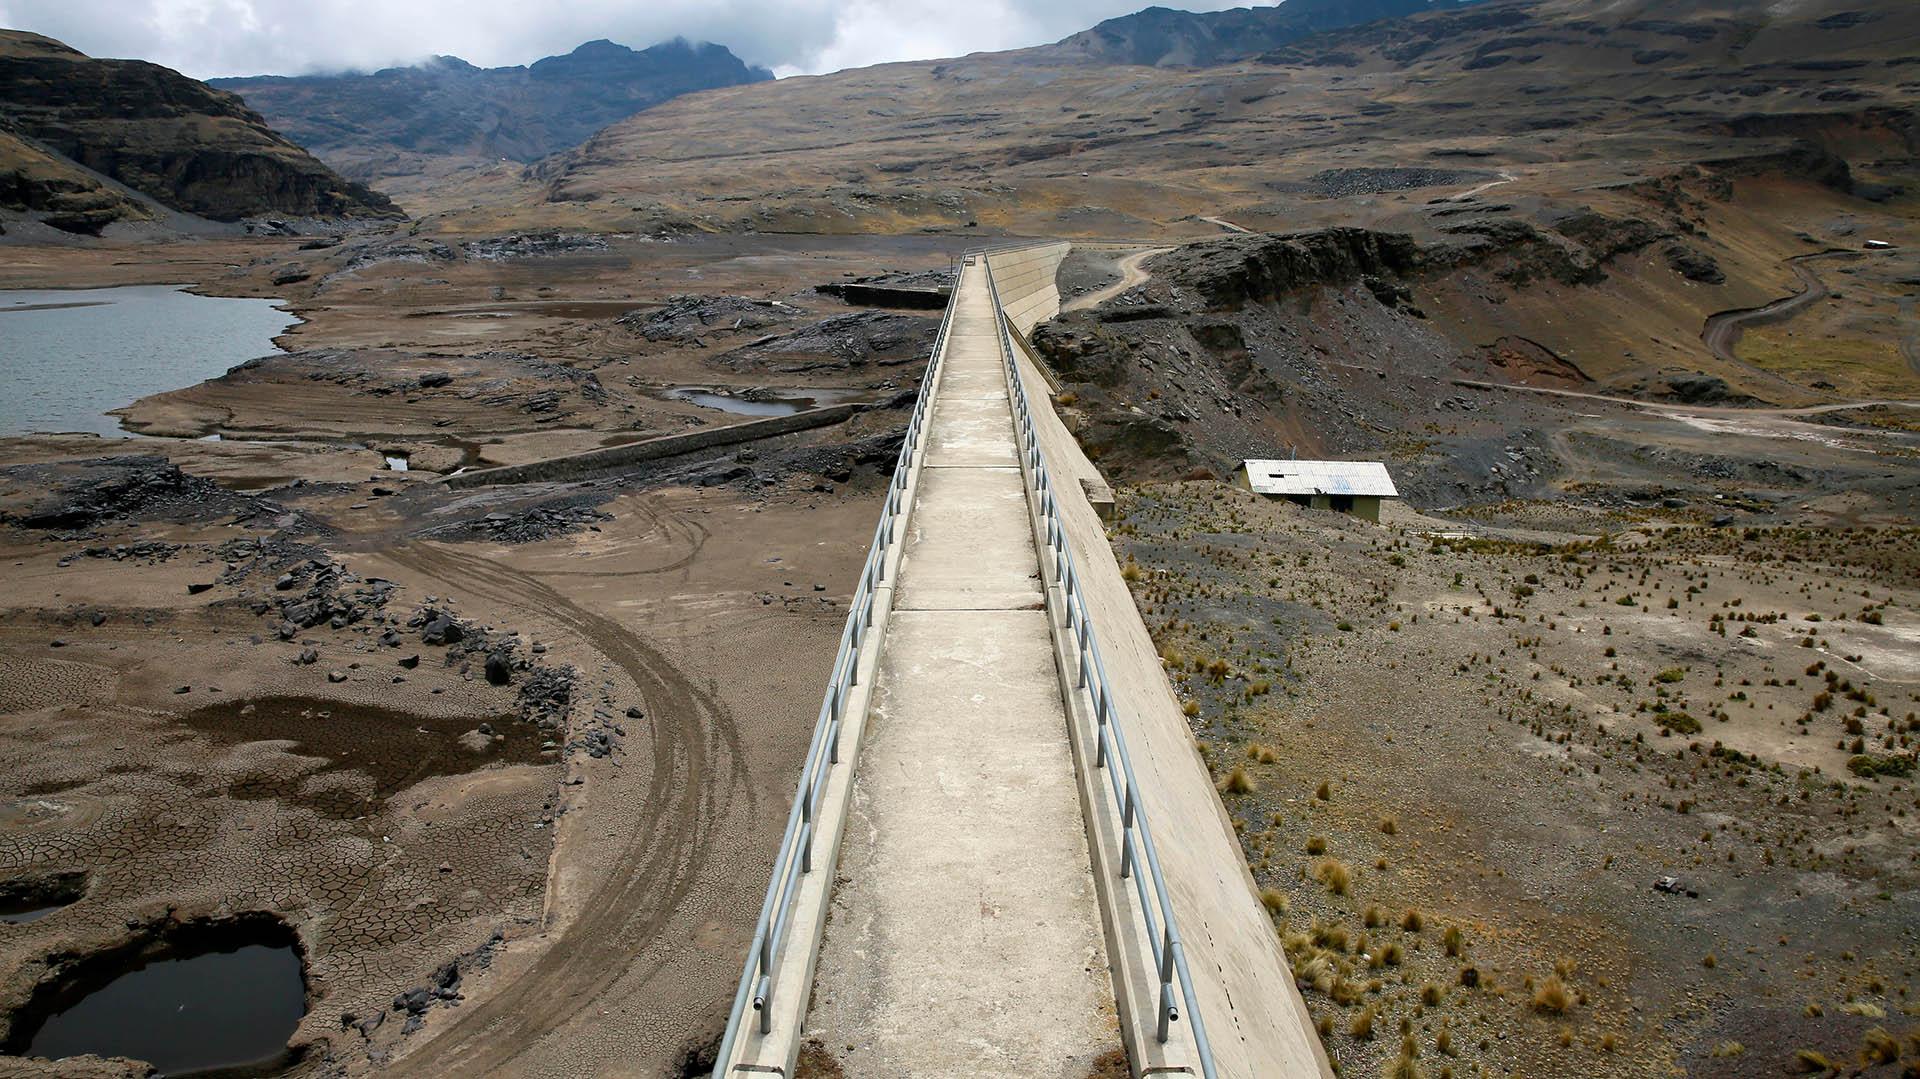 La sequía que sufre Bolivia, la peor en los últimos 25 años, afecta también a otras ciudades y al área rural y ha ocasionado protestas ciudadanas e incluso insólitos rituales y procesiones en el campo para pedir a Dios que llueva (Reuters)